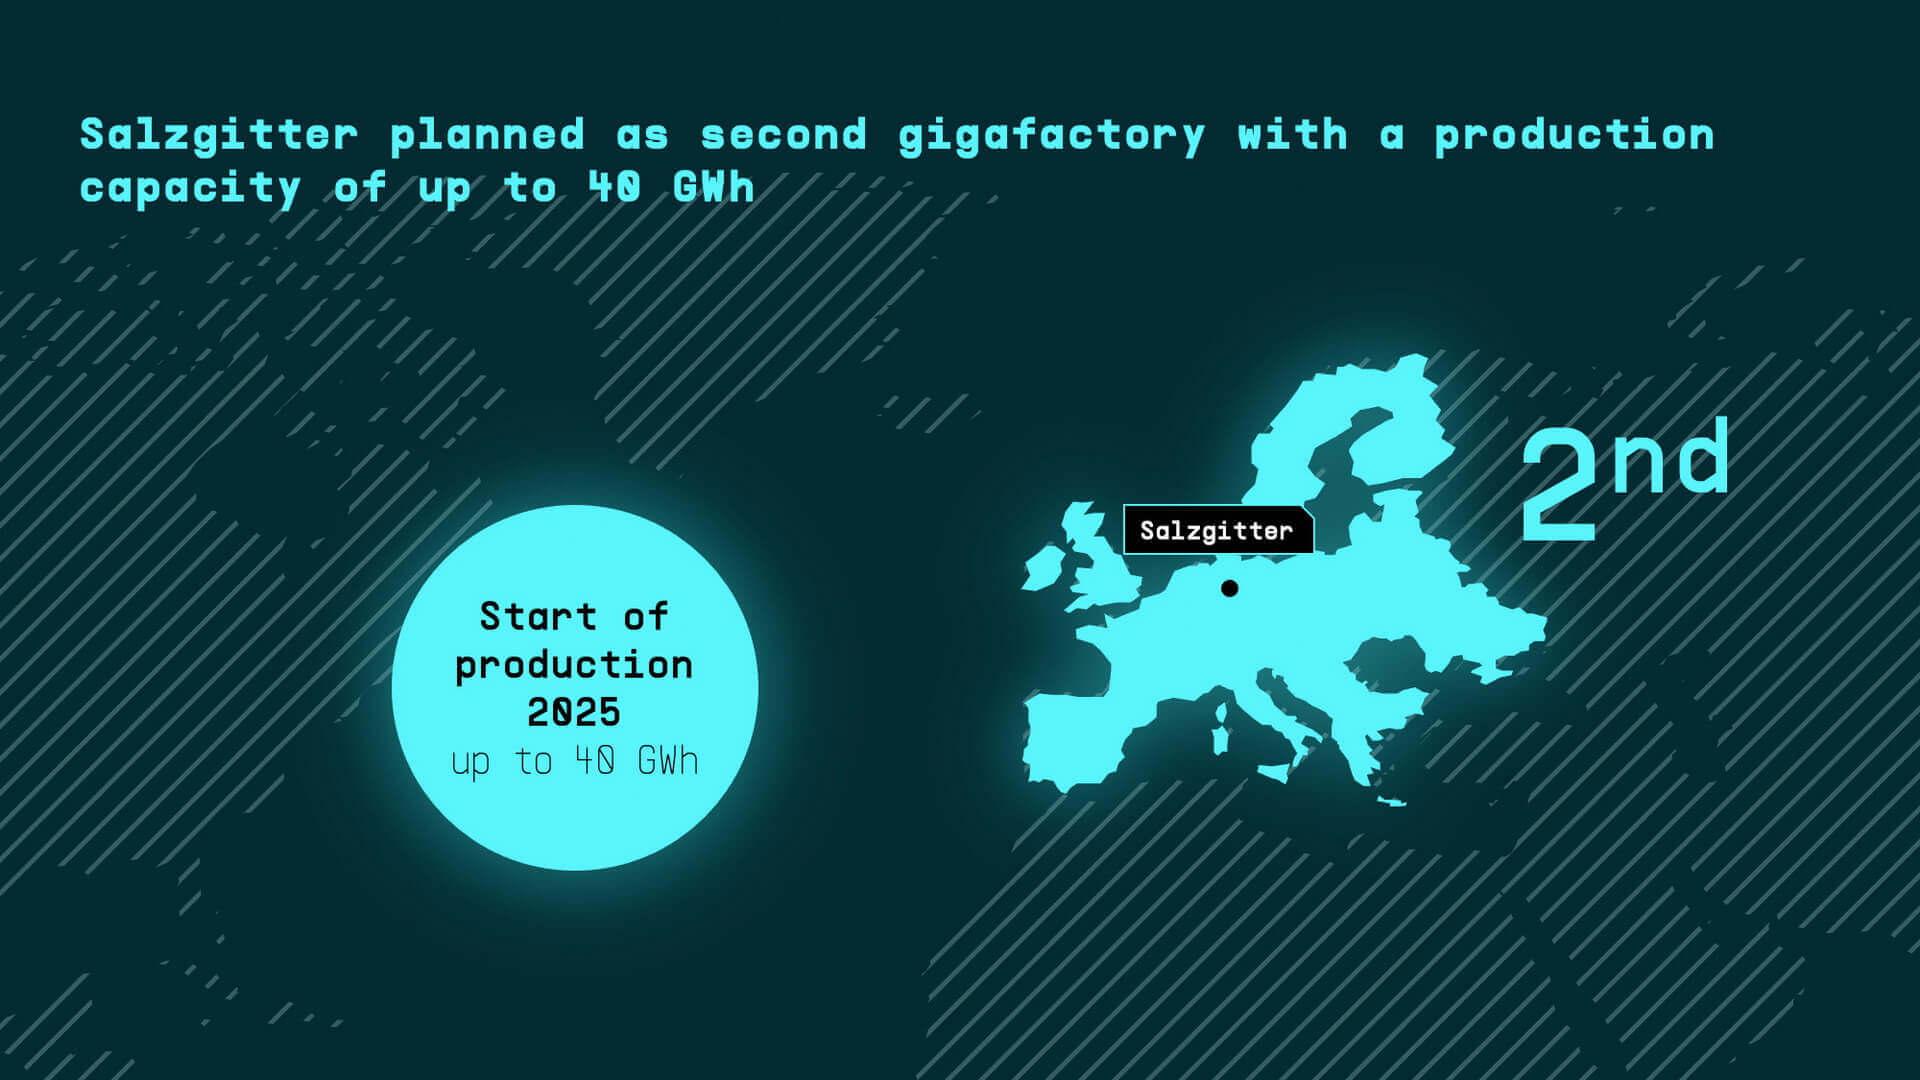 Salzgitter планируется как вторая гигафабрика с производственной мощностью до 40 ГВт⋅ч